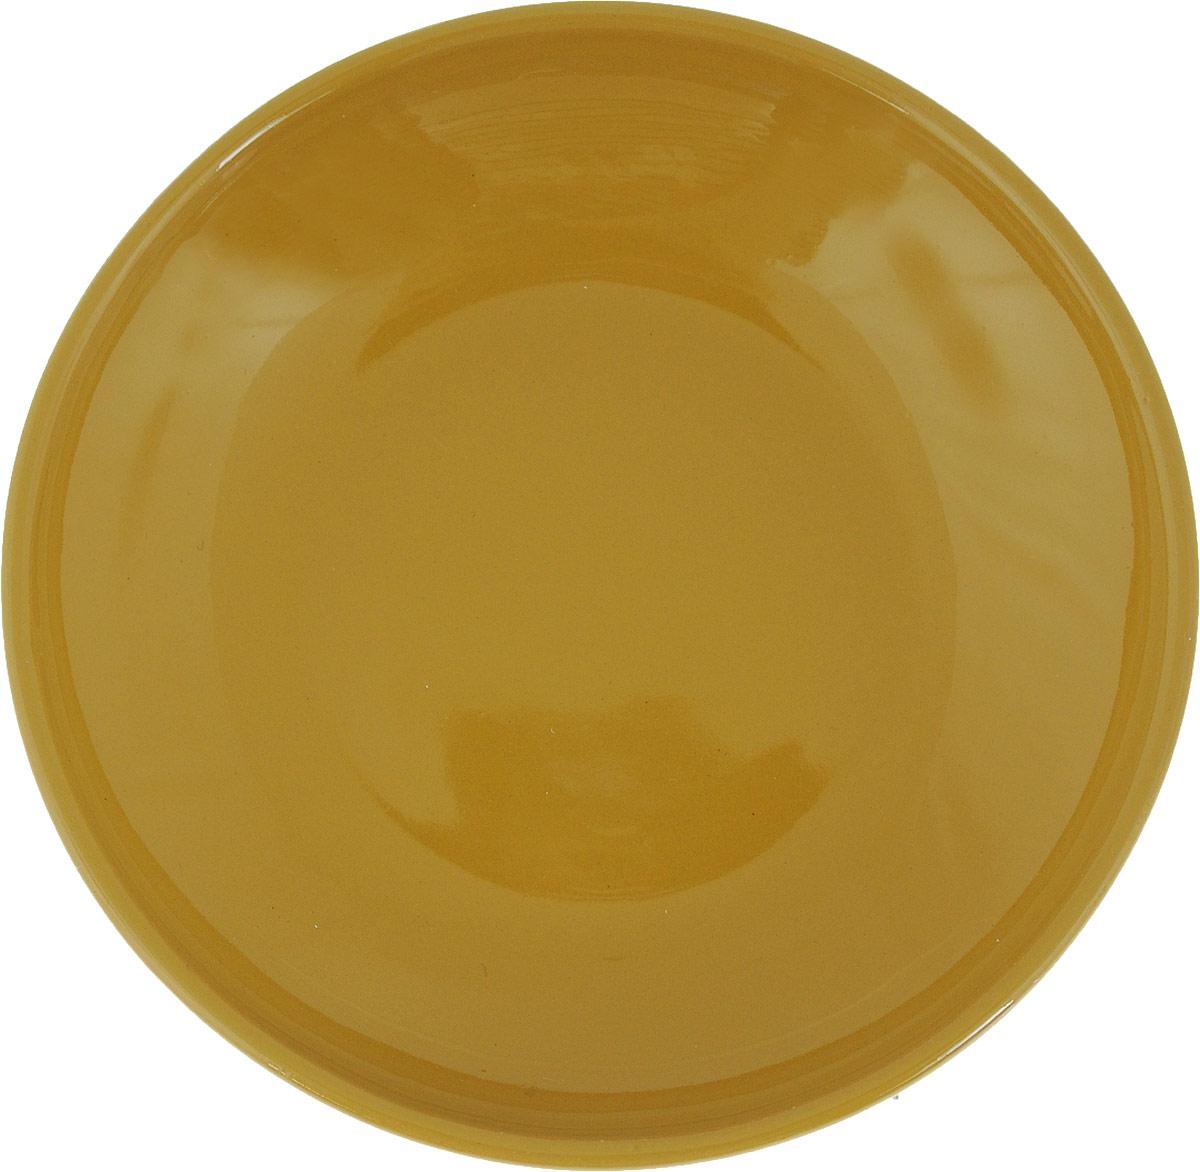 Блюдце Борисовская керамика Радуга, цвет: оливковый, диаметр 10 смРАД14458109_оливковыйБлюдце Борисовская керамика Радуга, изготовленное из высококачественной керамики, предназначено для красивой подачи различных блюд. Такое блюдце украсит сервировку стола и подчеркнет прекрасный вкус хозяйки. Можно мыть в посудомоечной машине и использовать в микроволновой печи.